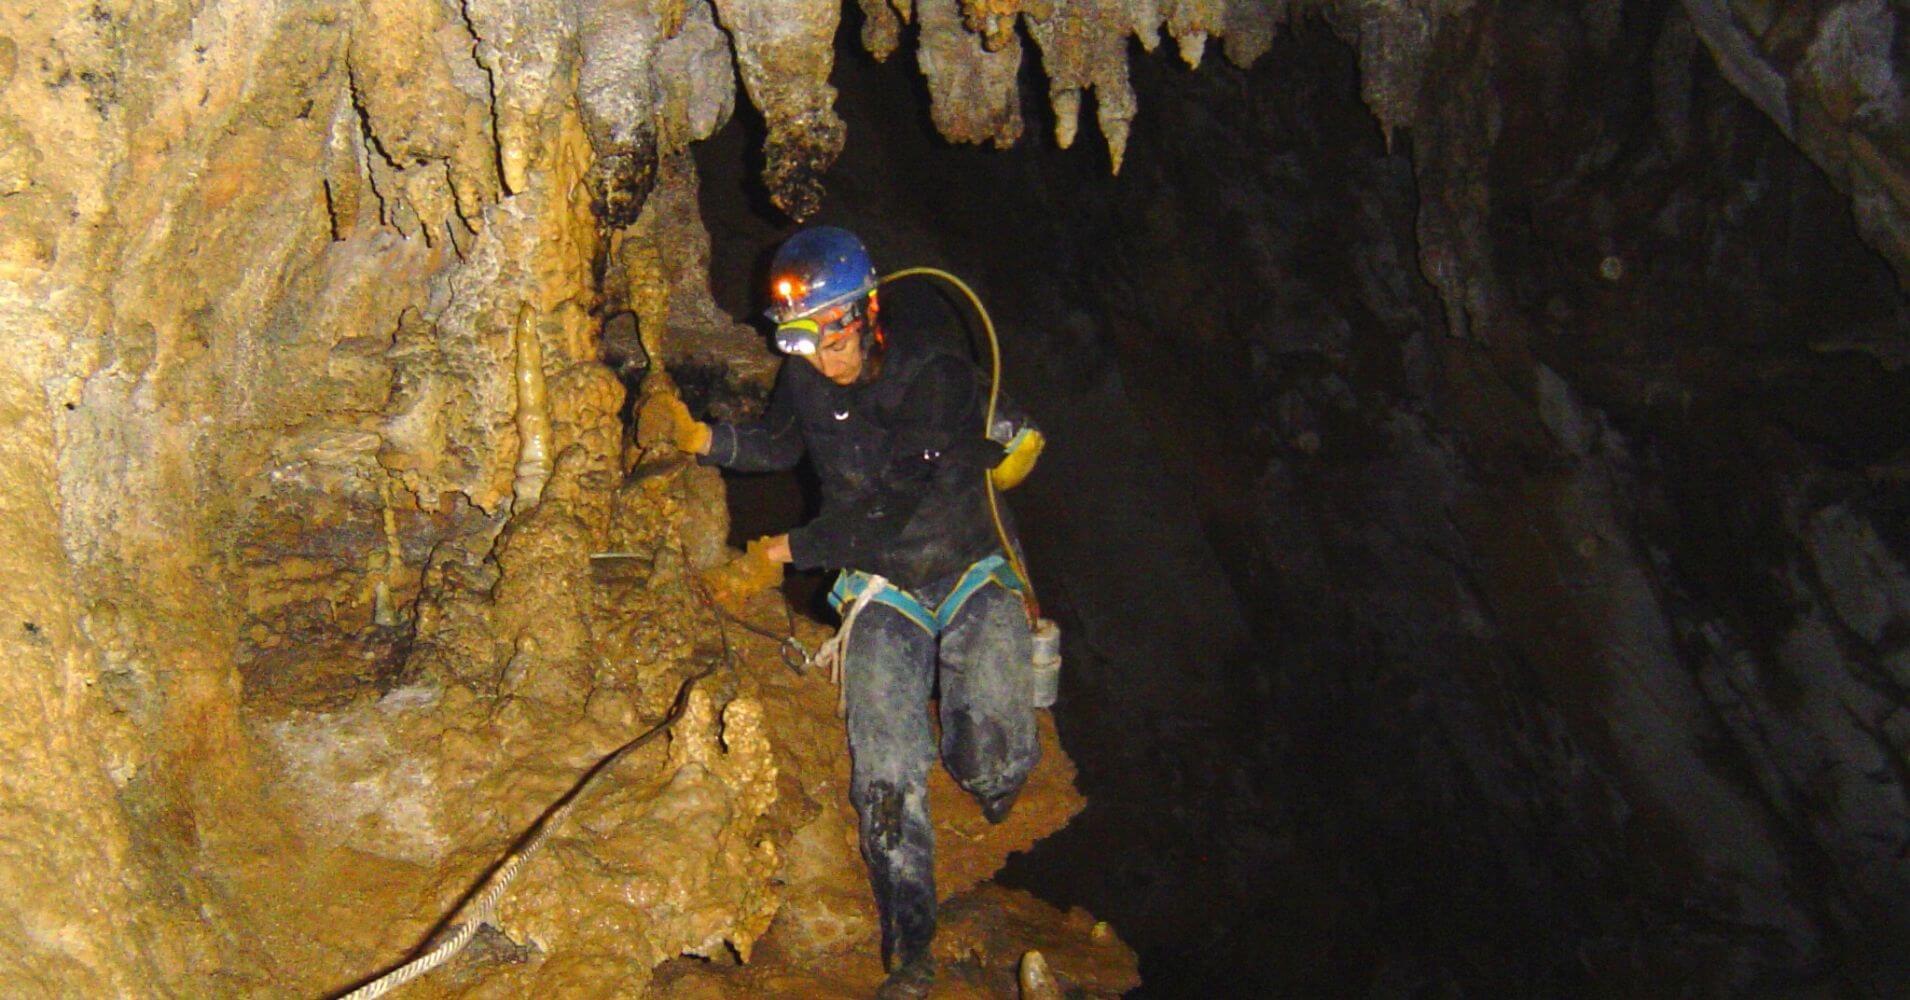 Cuevas Turísticas y Espeleología de España. Cueva de Coventosa, Asón. Cantabria. España.